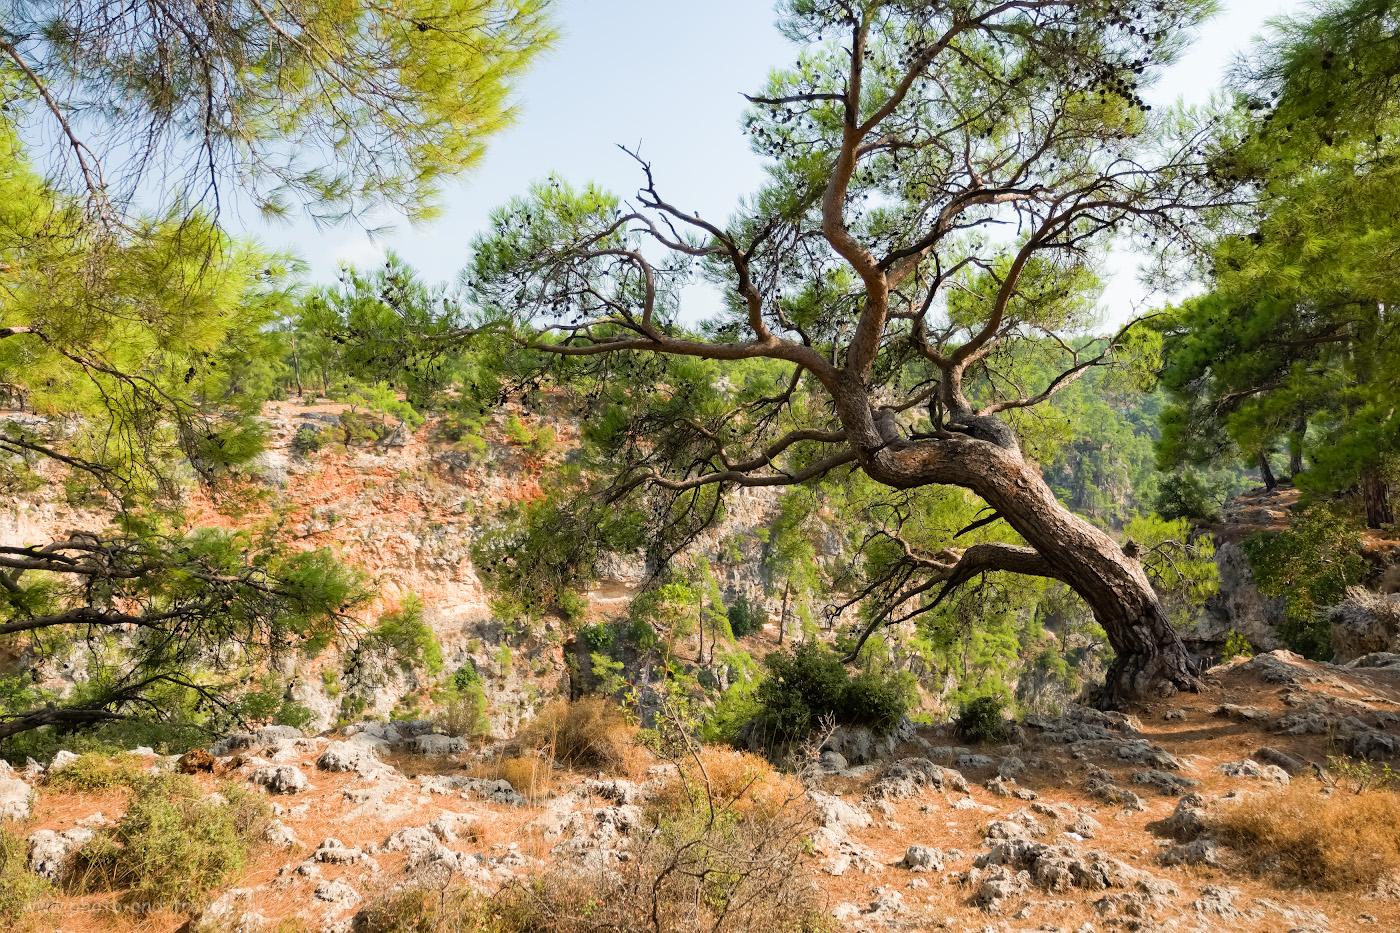 Фото 17. Изучаем природу Турции во время самостоятельных экскурсий. 1/500, 2.8, 200, -0.33, 19.